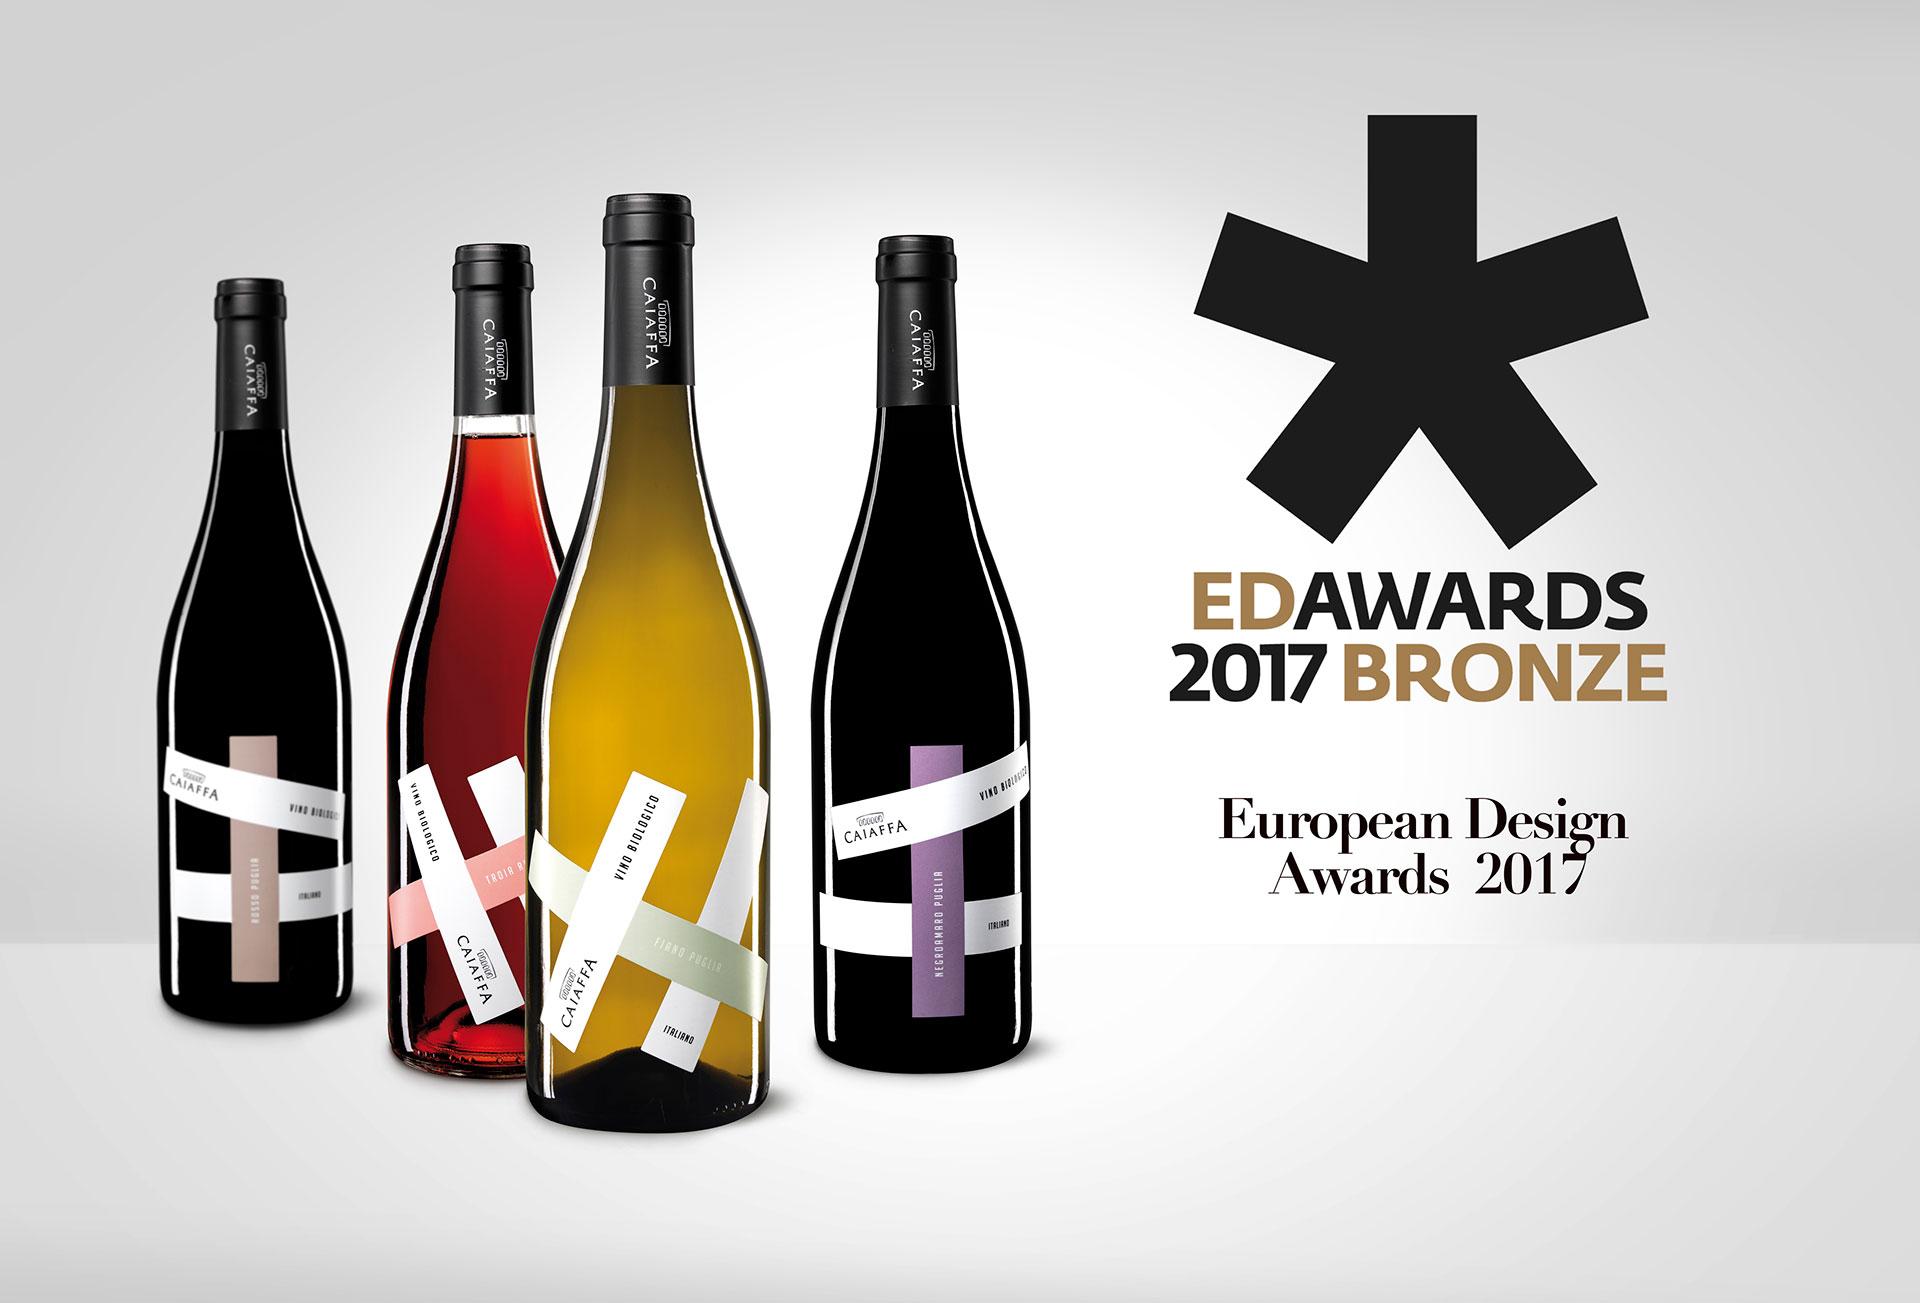 European Design Awards 2017 – Bronze